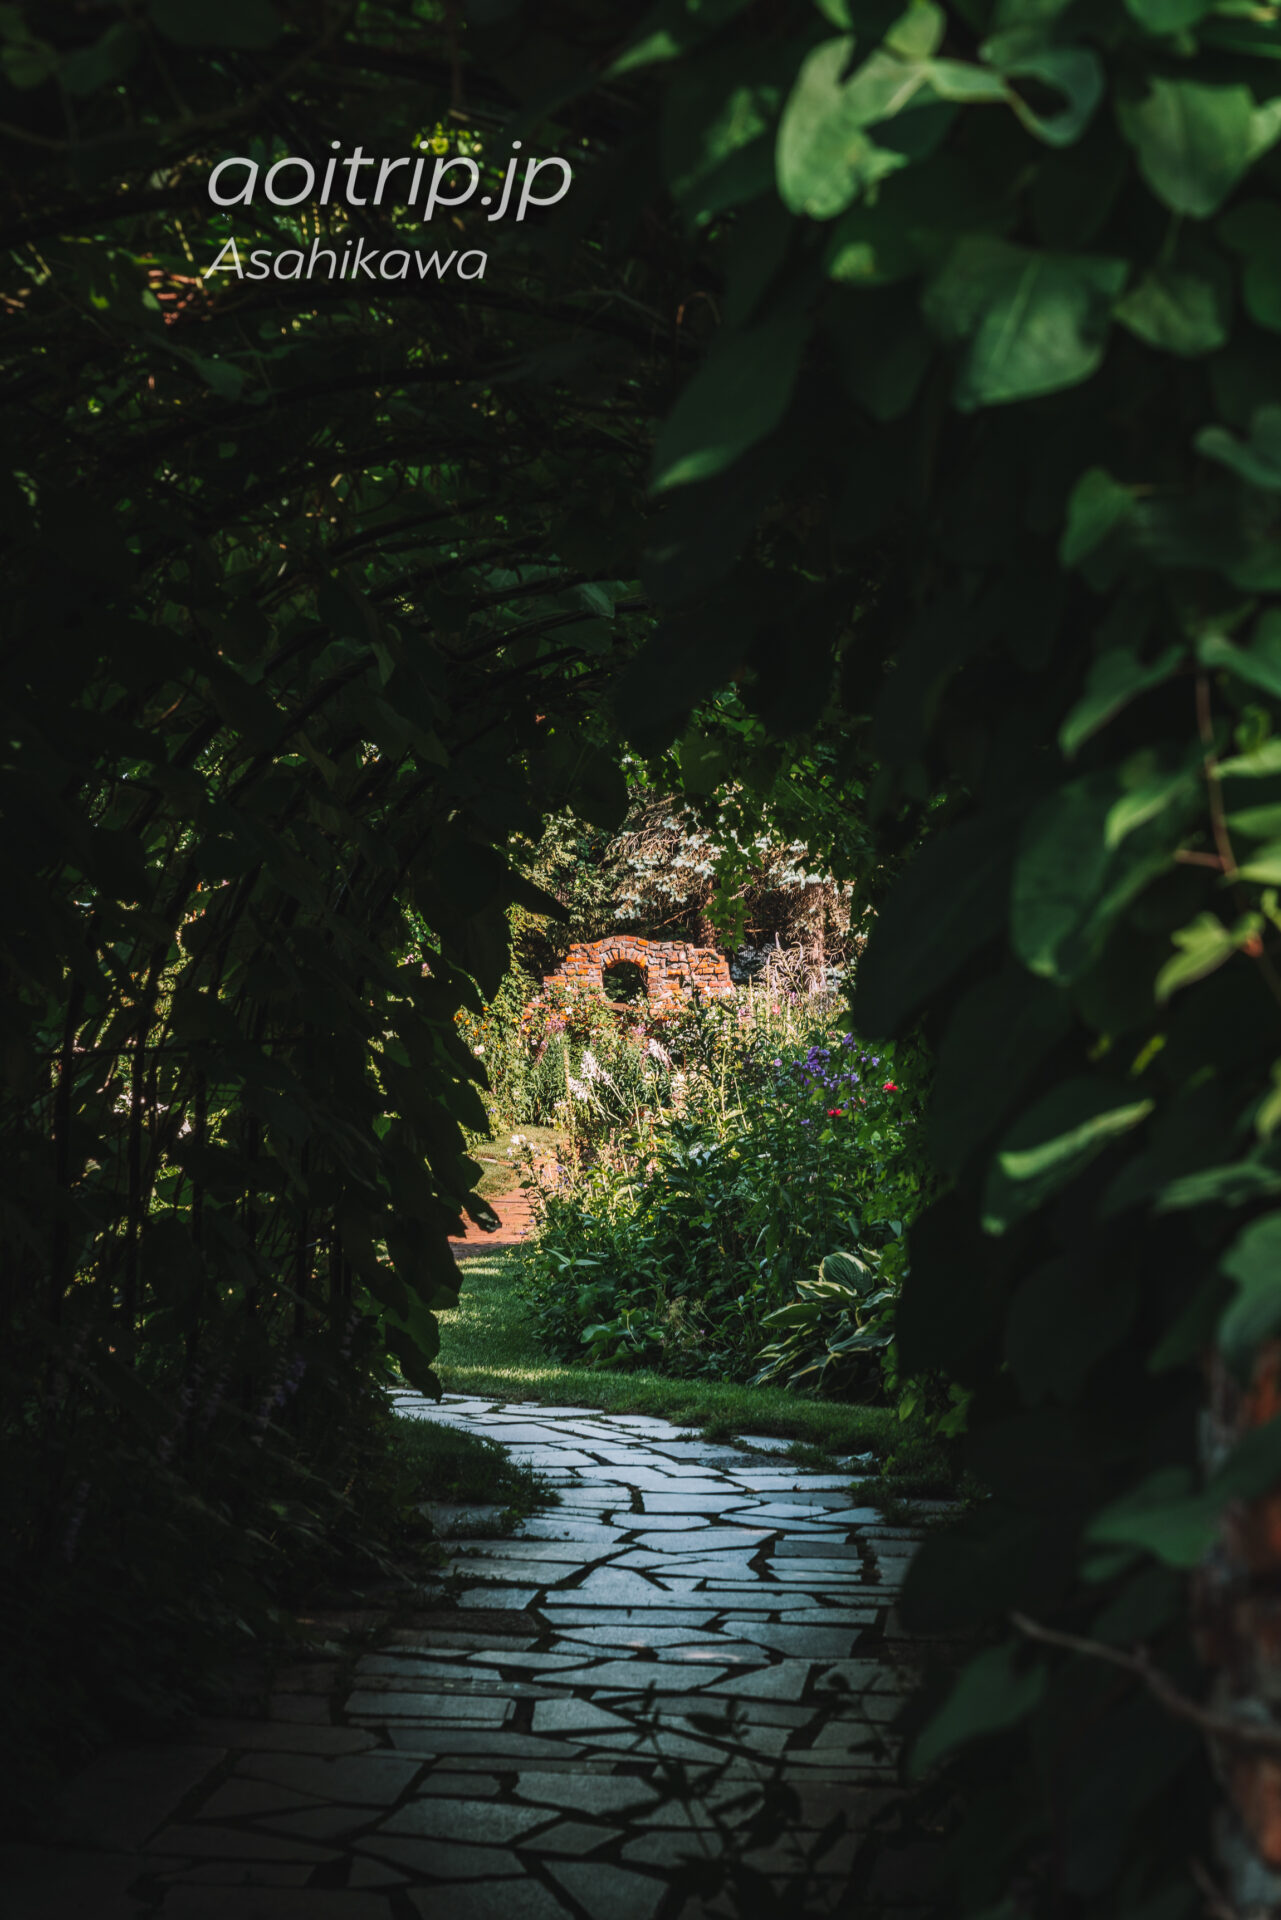 上野ファーム マザーズガーデン Mother's Garden